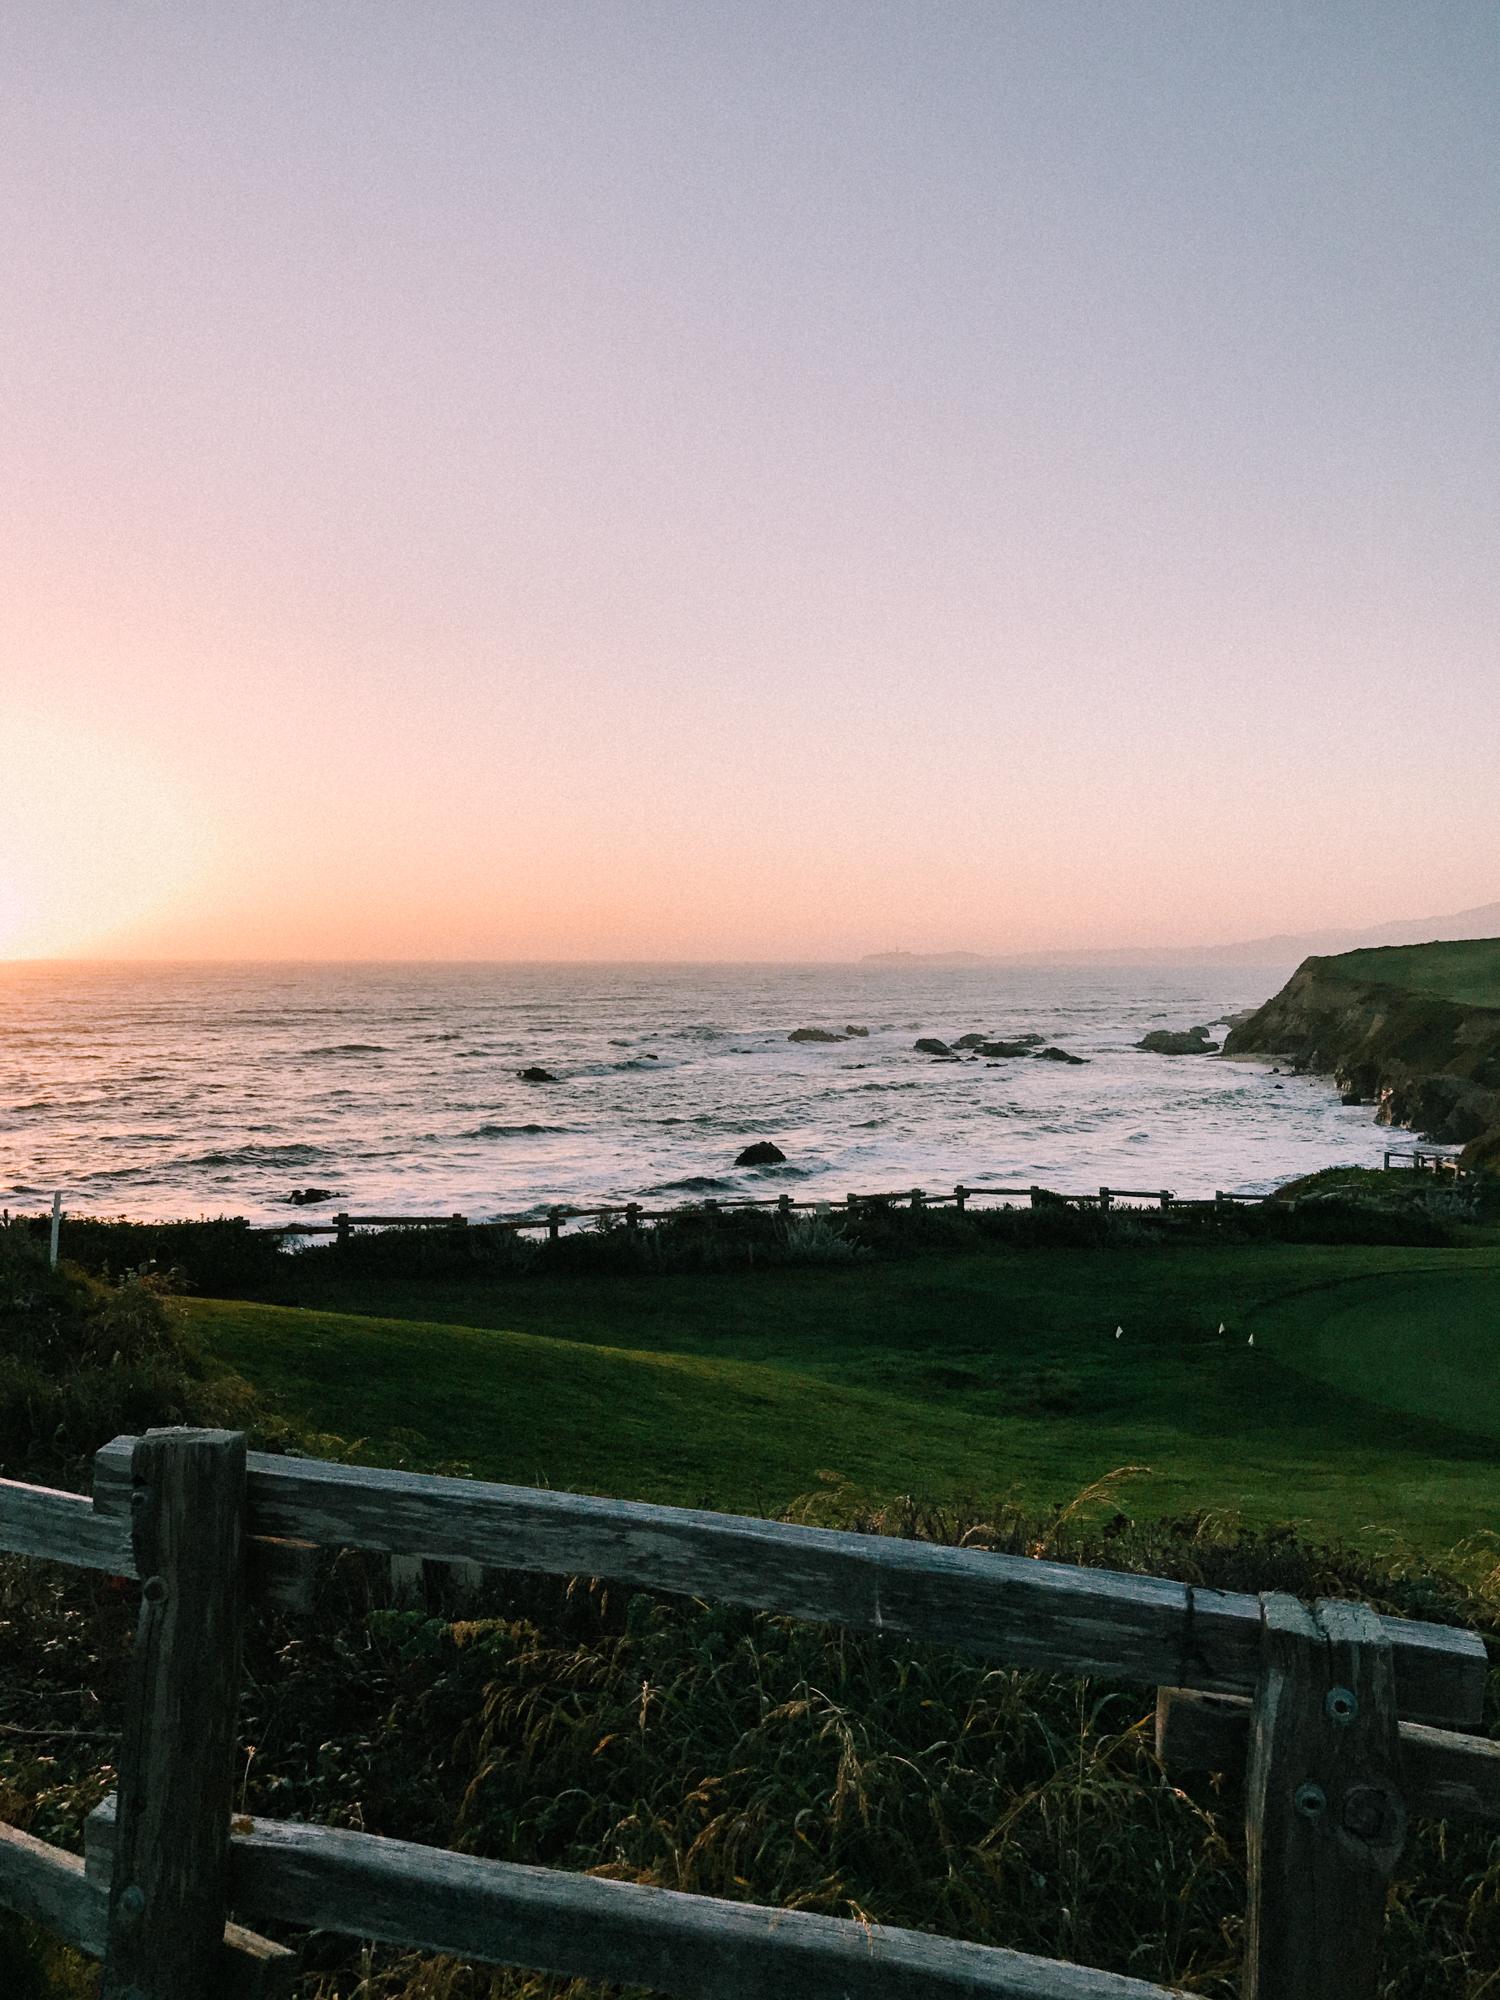 Sunset in Half Moon Bay | A Fabulous Fete